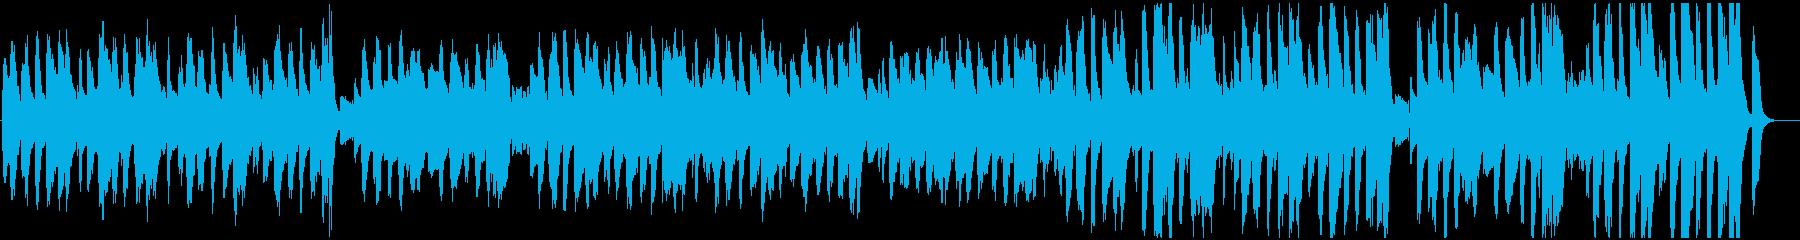 きらきら星 ほのぼのJAZZ調・口笛の再生済みの波形